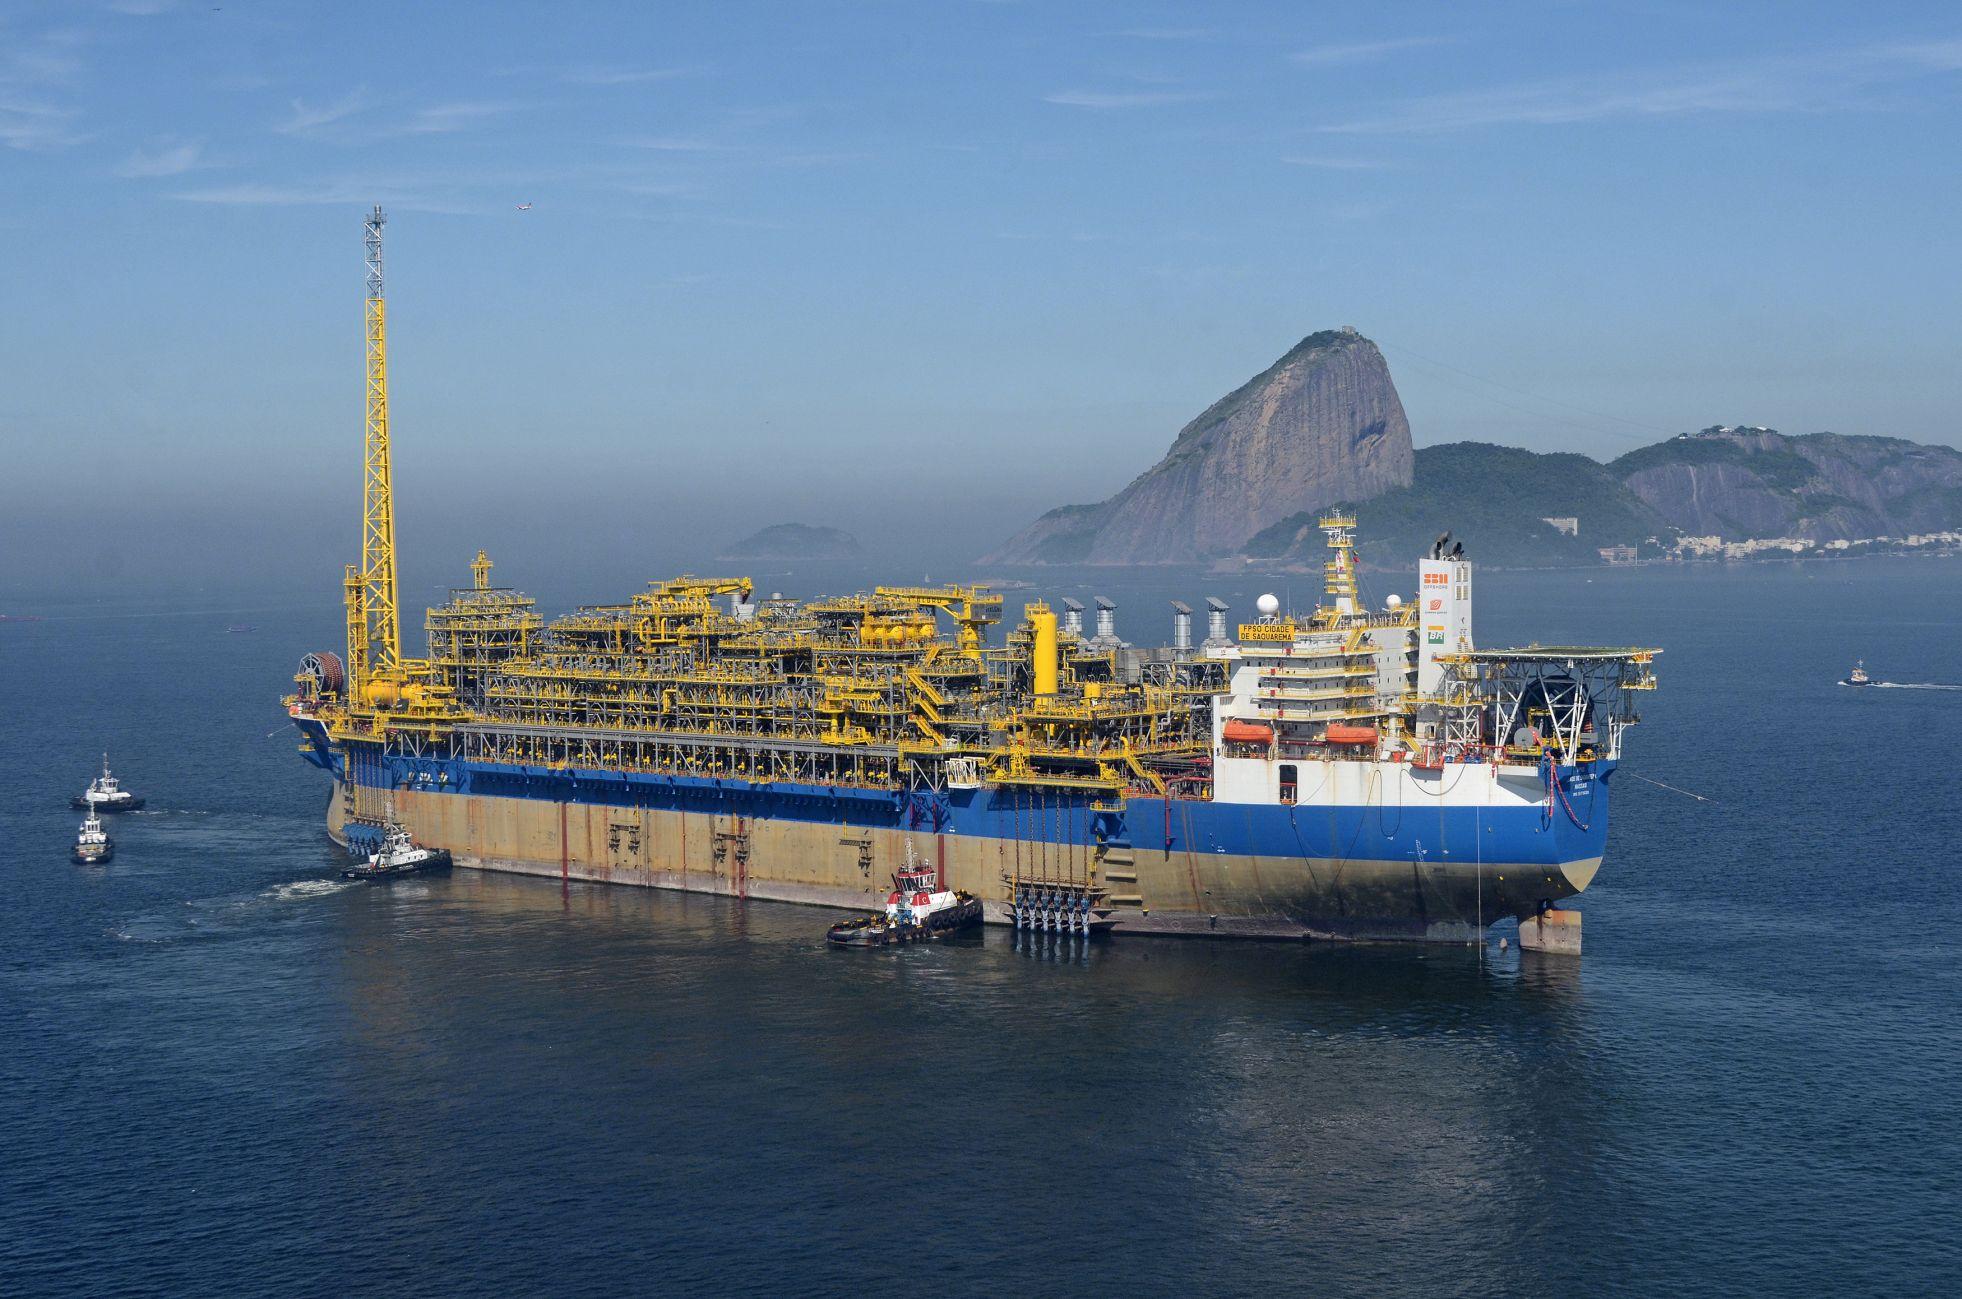 SBM Offshore verkoopt belang in FPSO Sepetiba